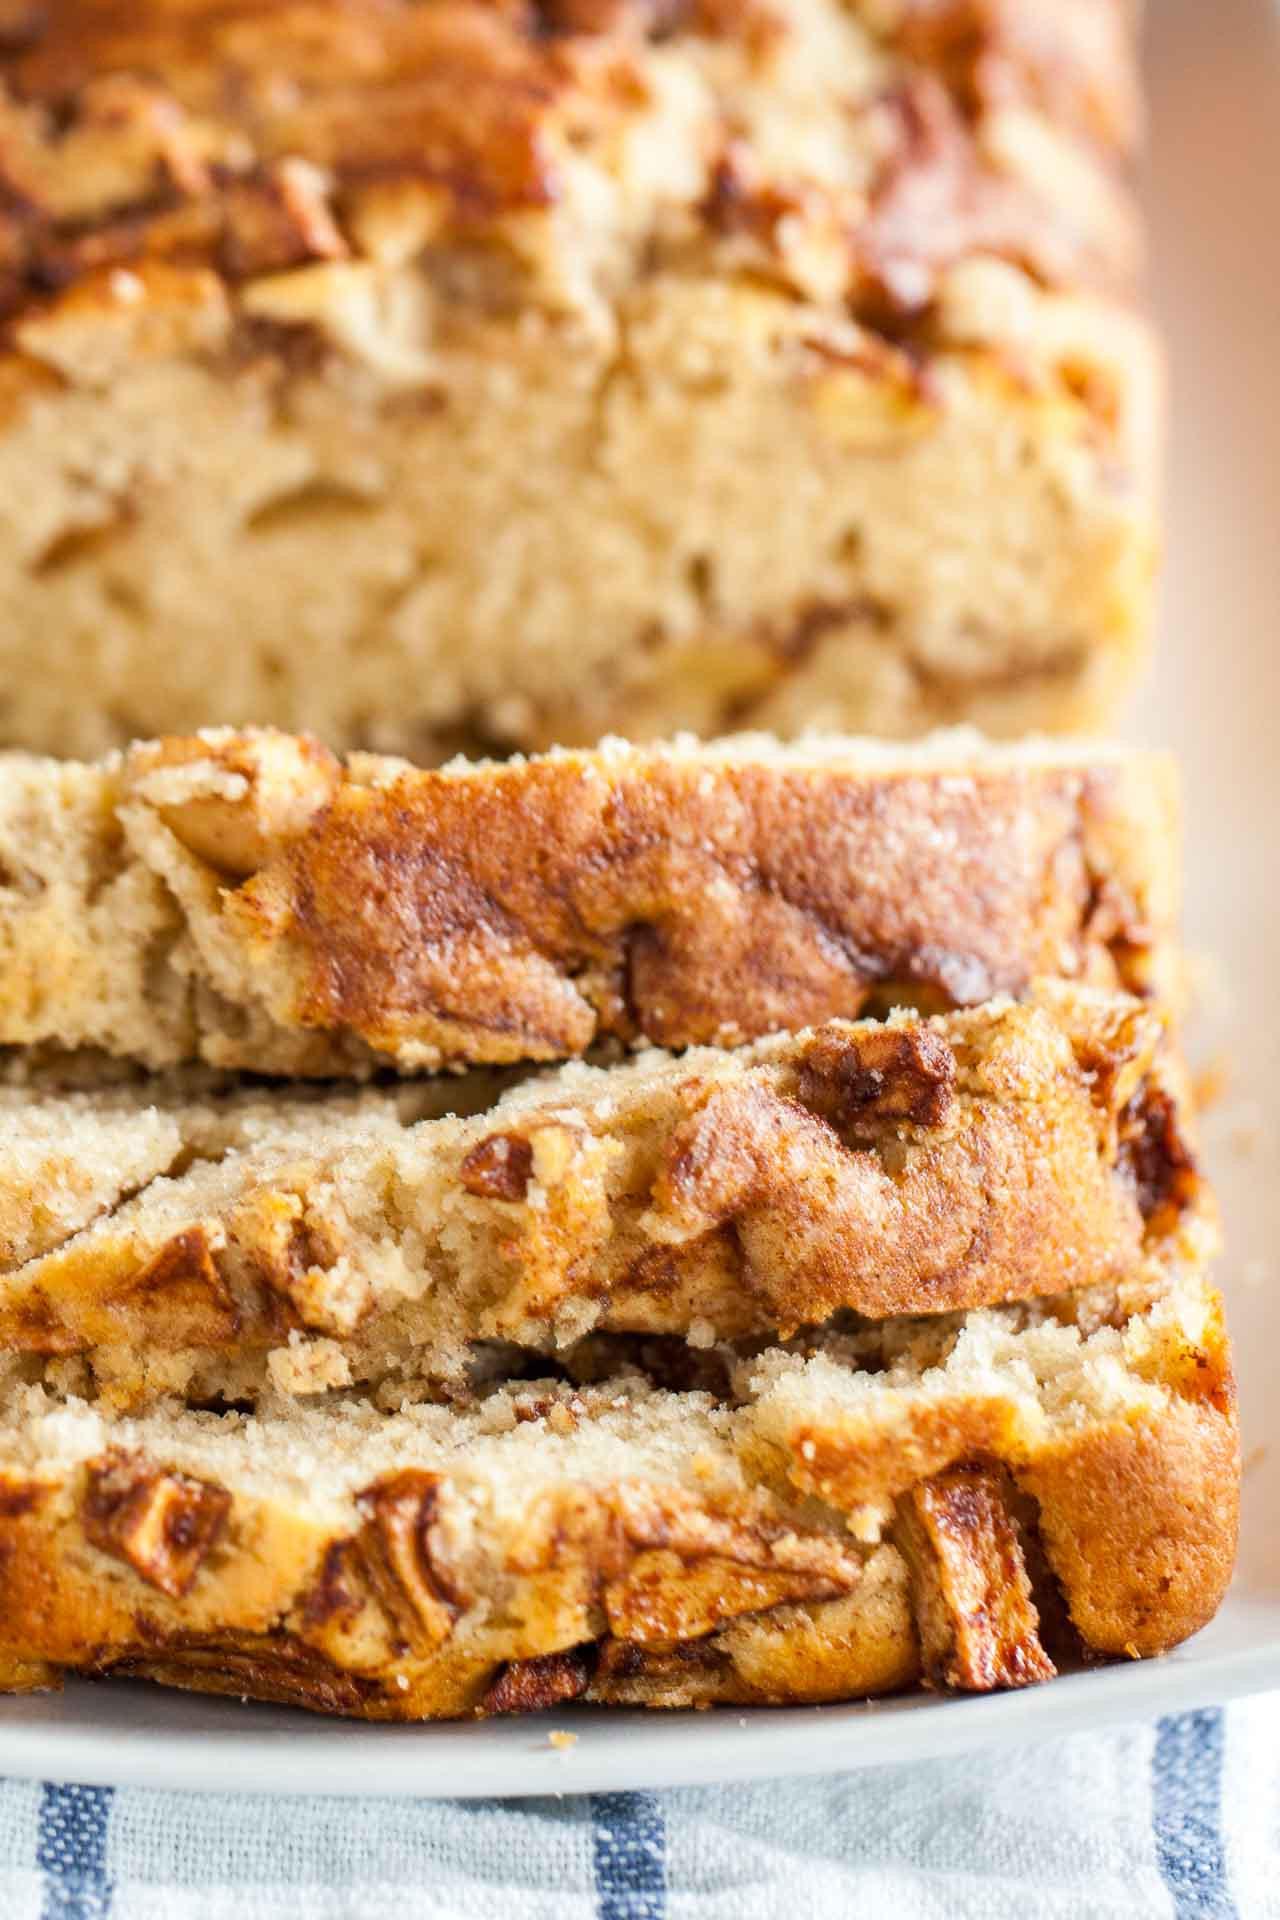 Apple Bread Recipe  Apple Cinnamon Bread Recipe An easy fall quick bread recipe